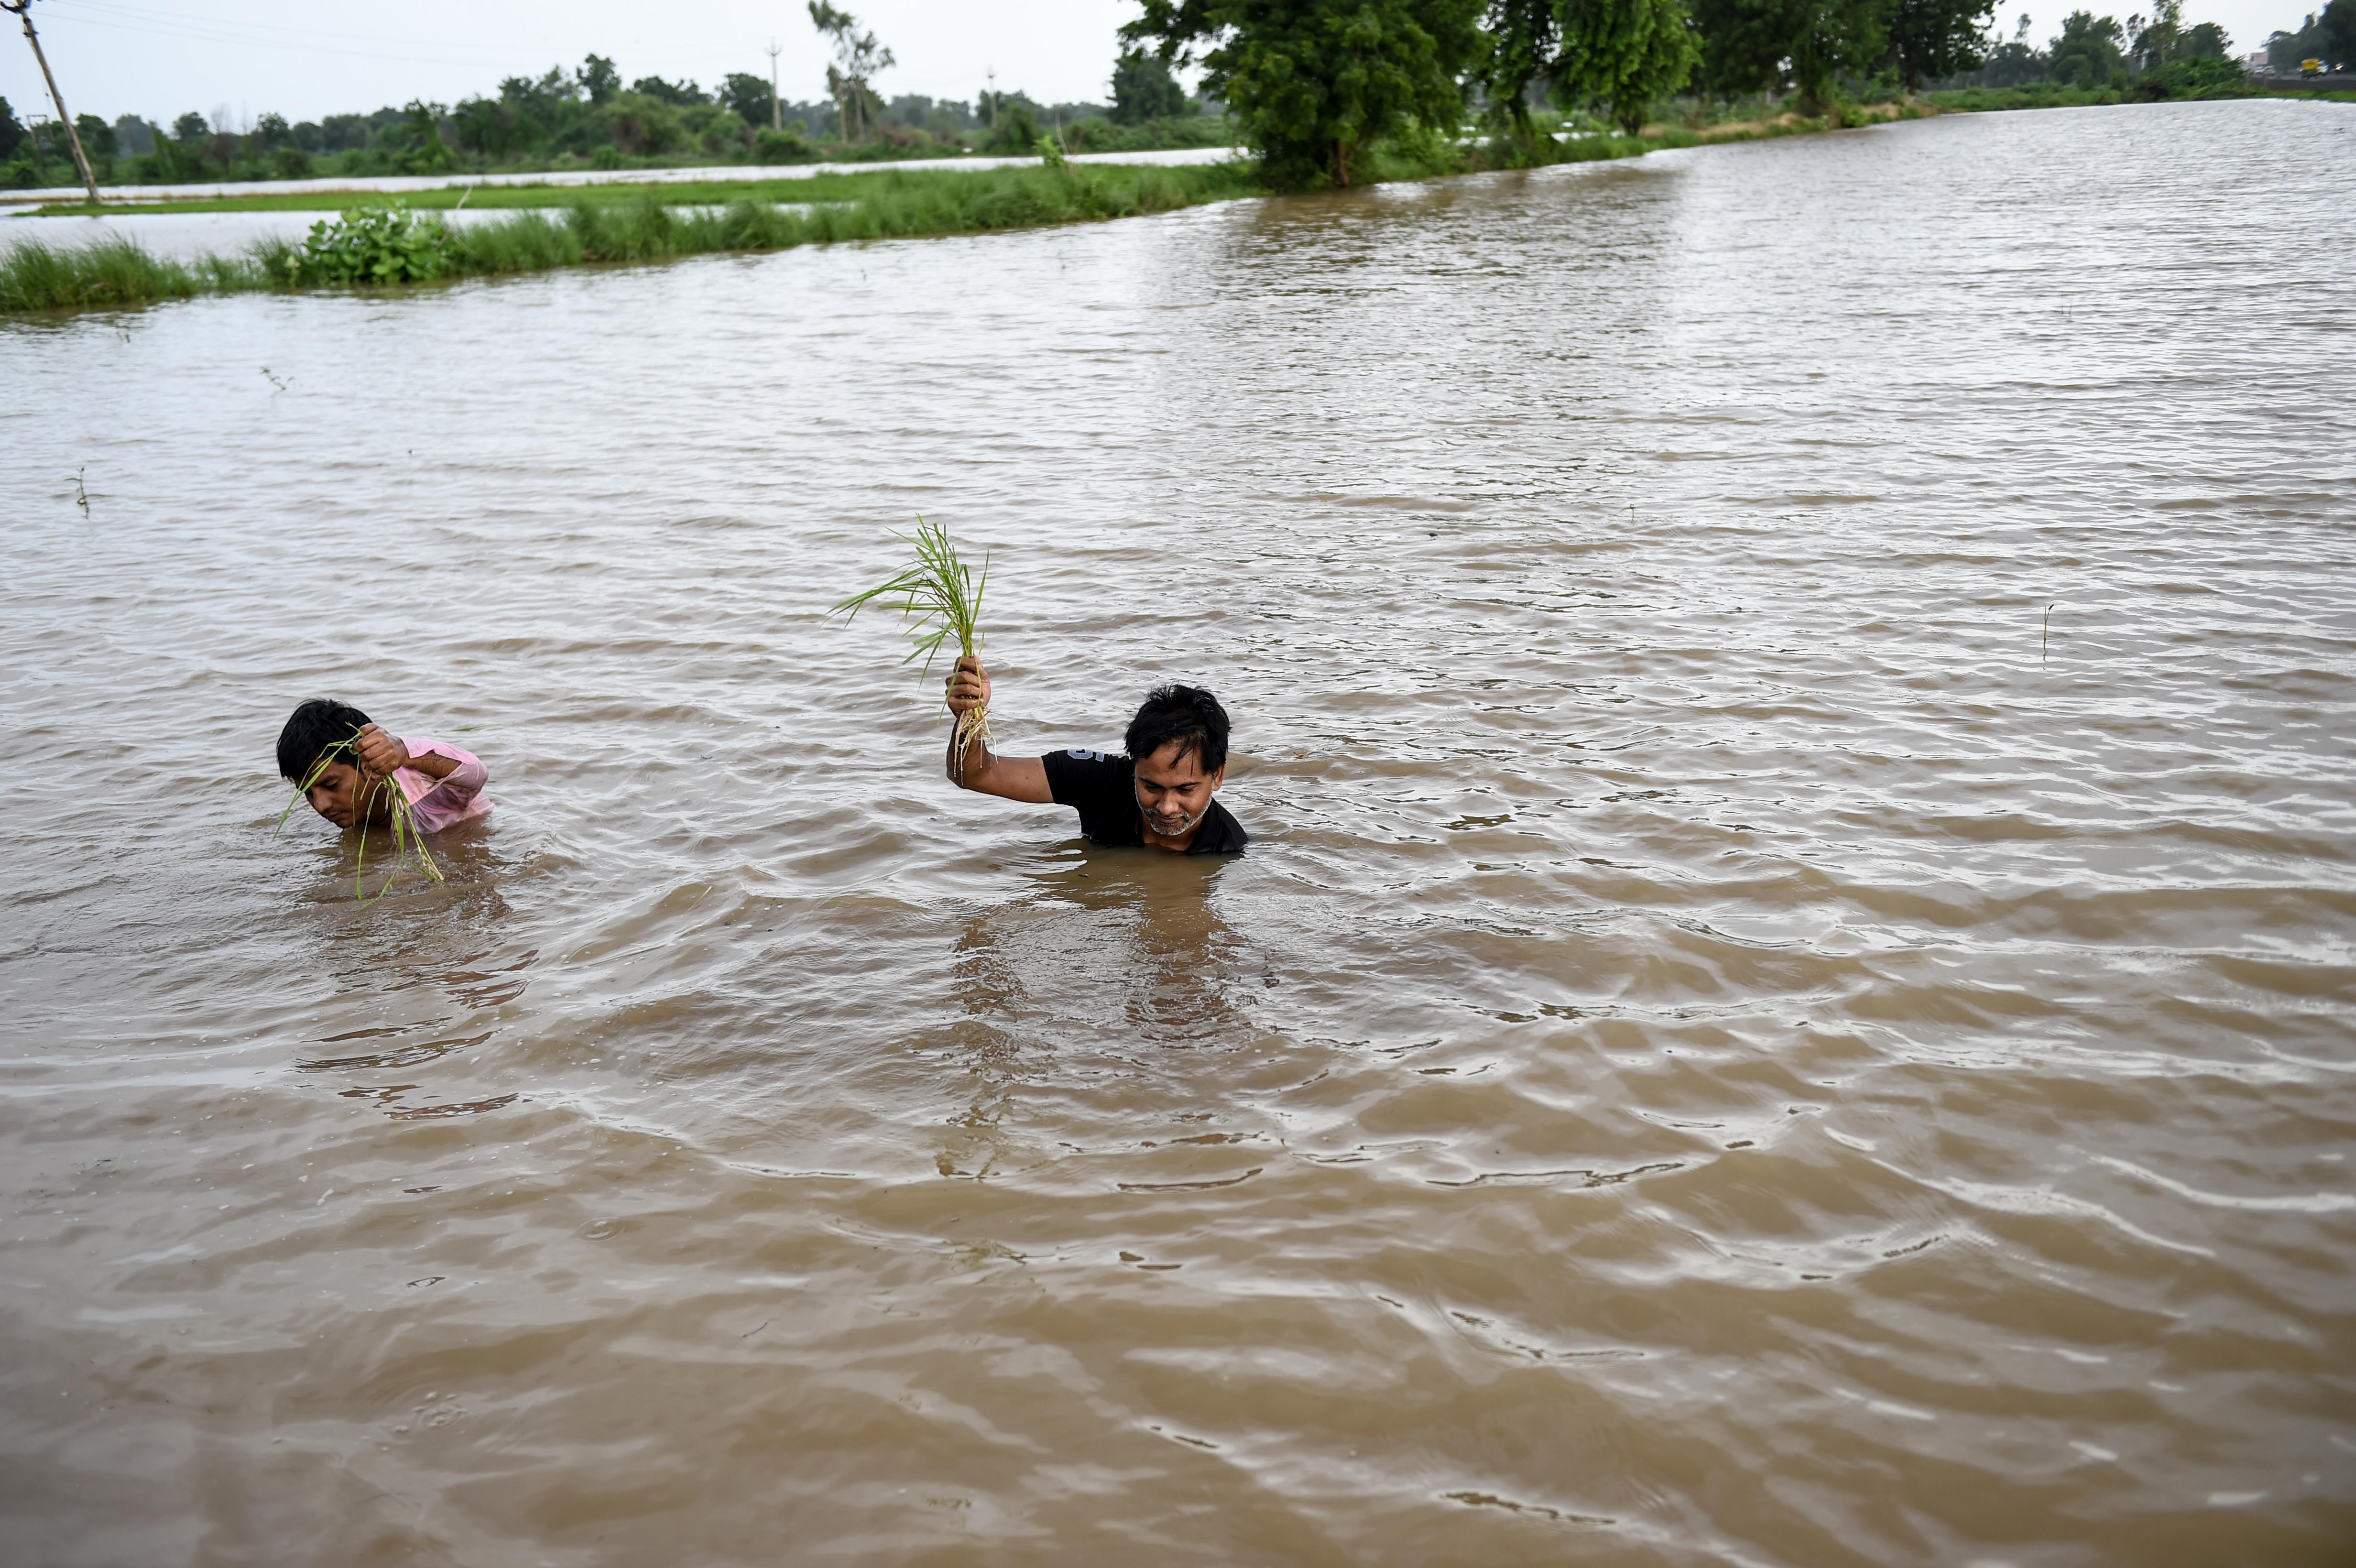 أجبر مئات الآلاف من السكان على النزوح عن منازلهم بسبب الفيضانات في الهند